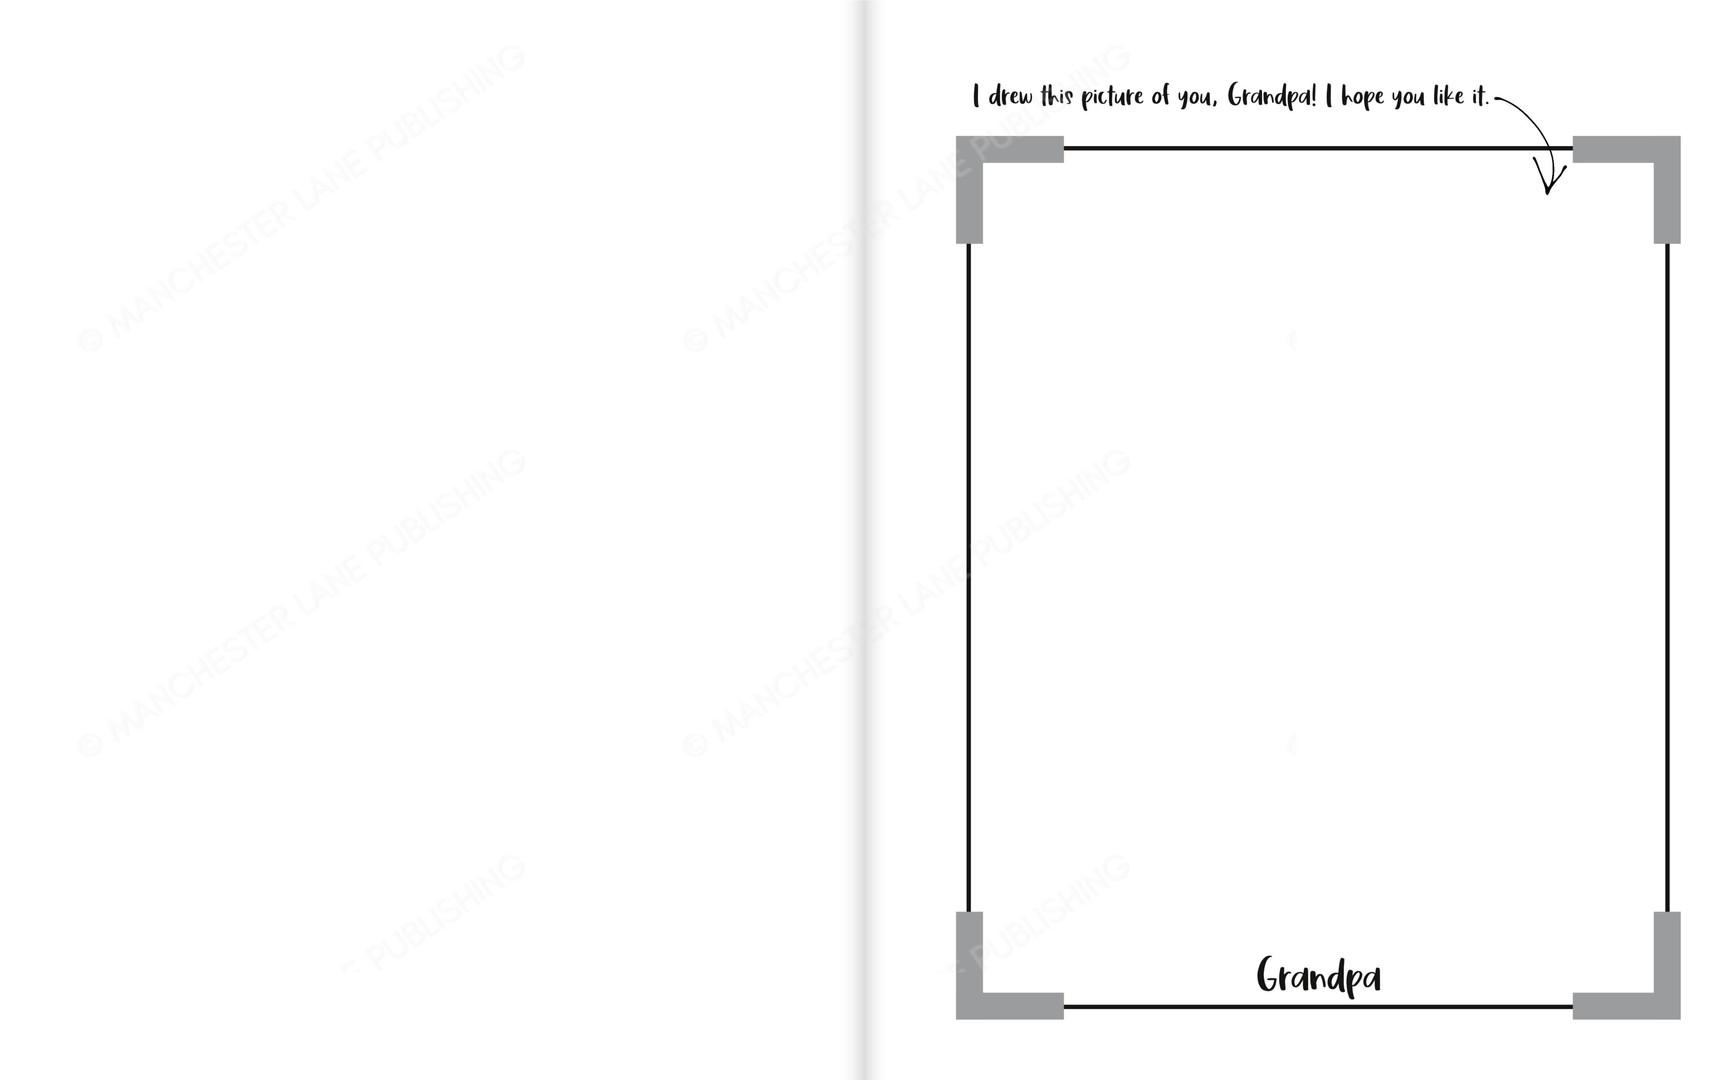 all about grandpa-page003.jpeg